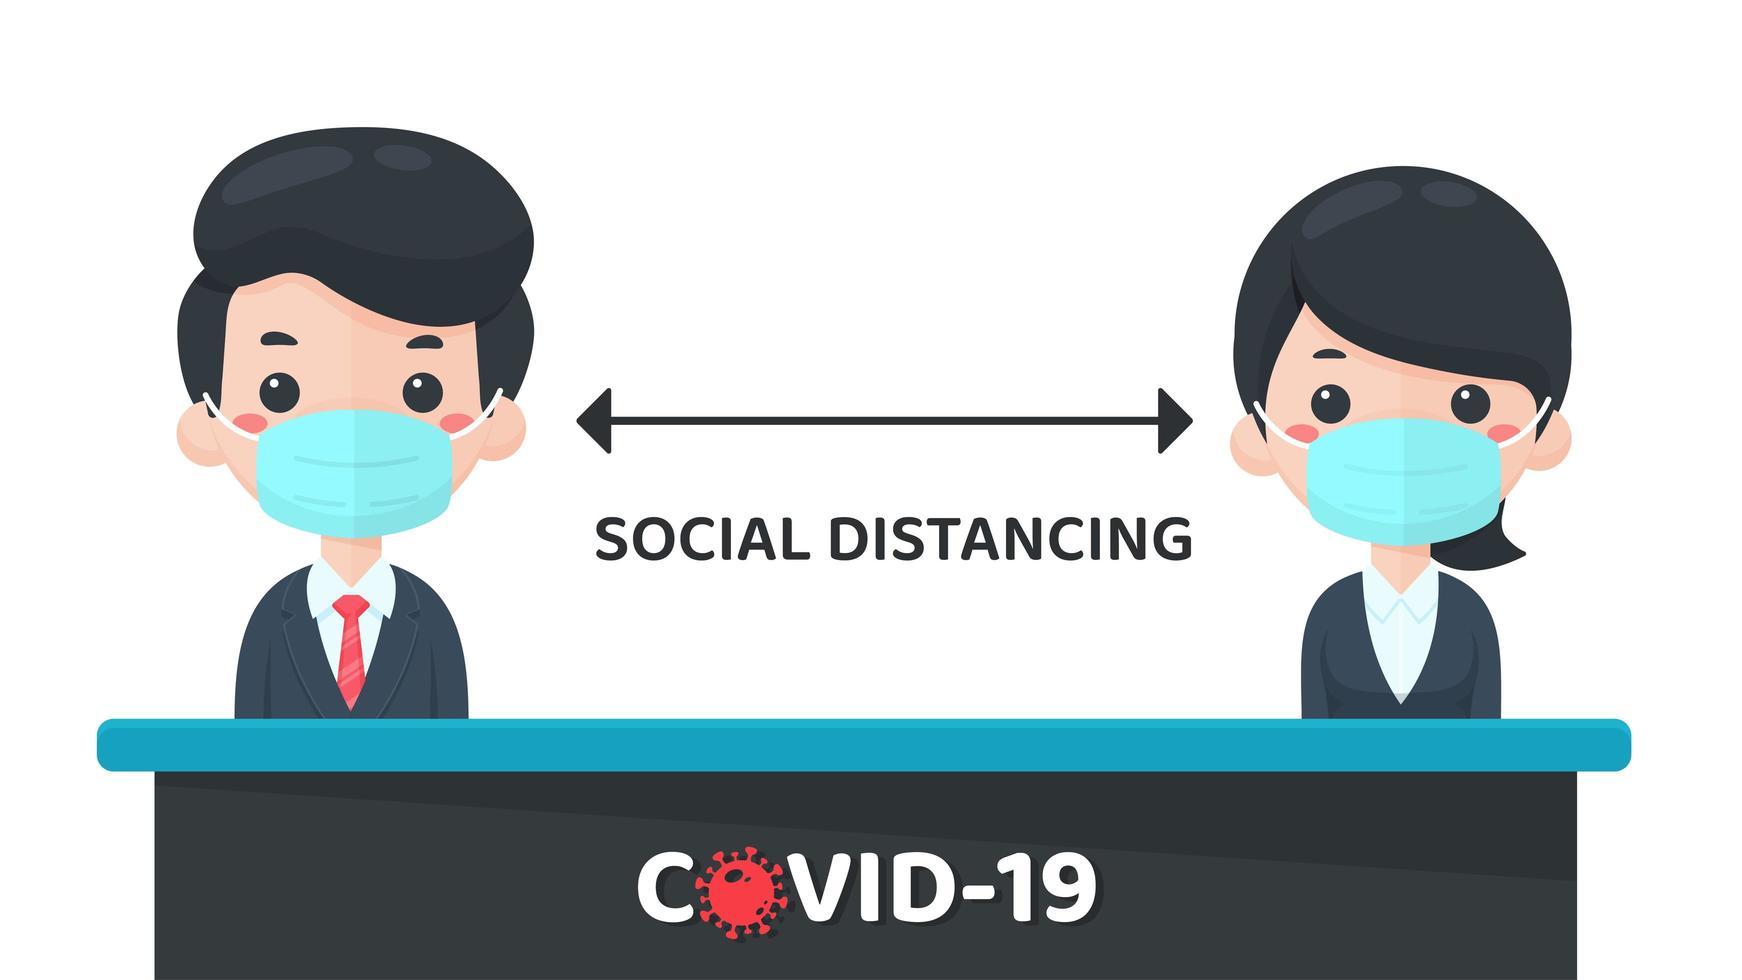 soziales distanzierendes Design im Cartoon-Stil vektor